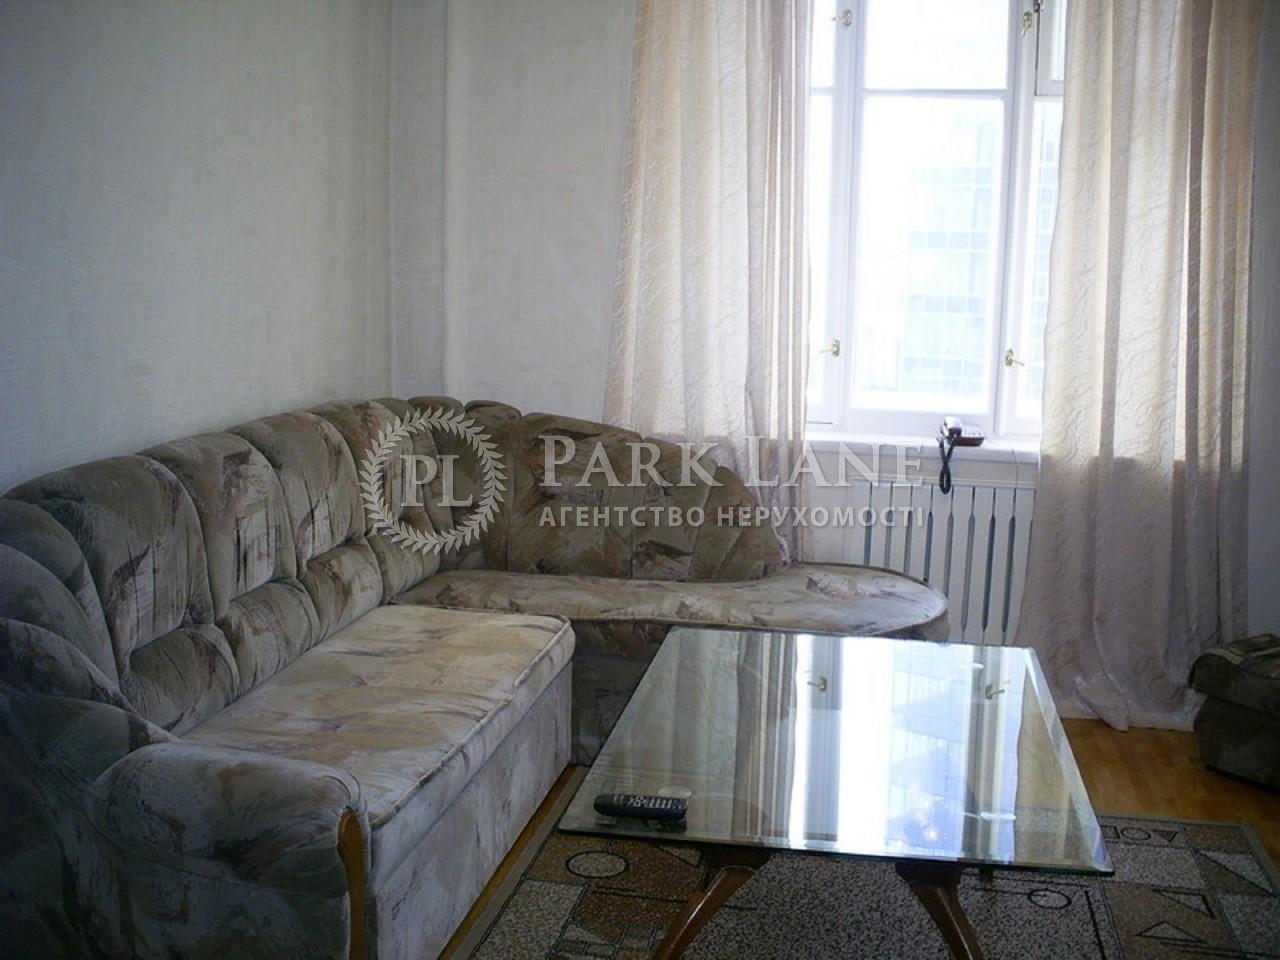 Квартира вул. Басейна, 23, Київ, F-7634 - Фото 3